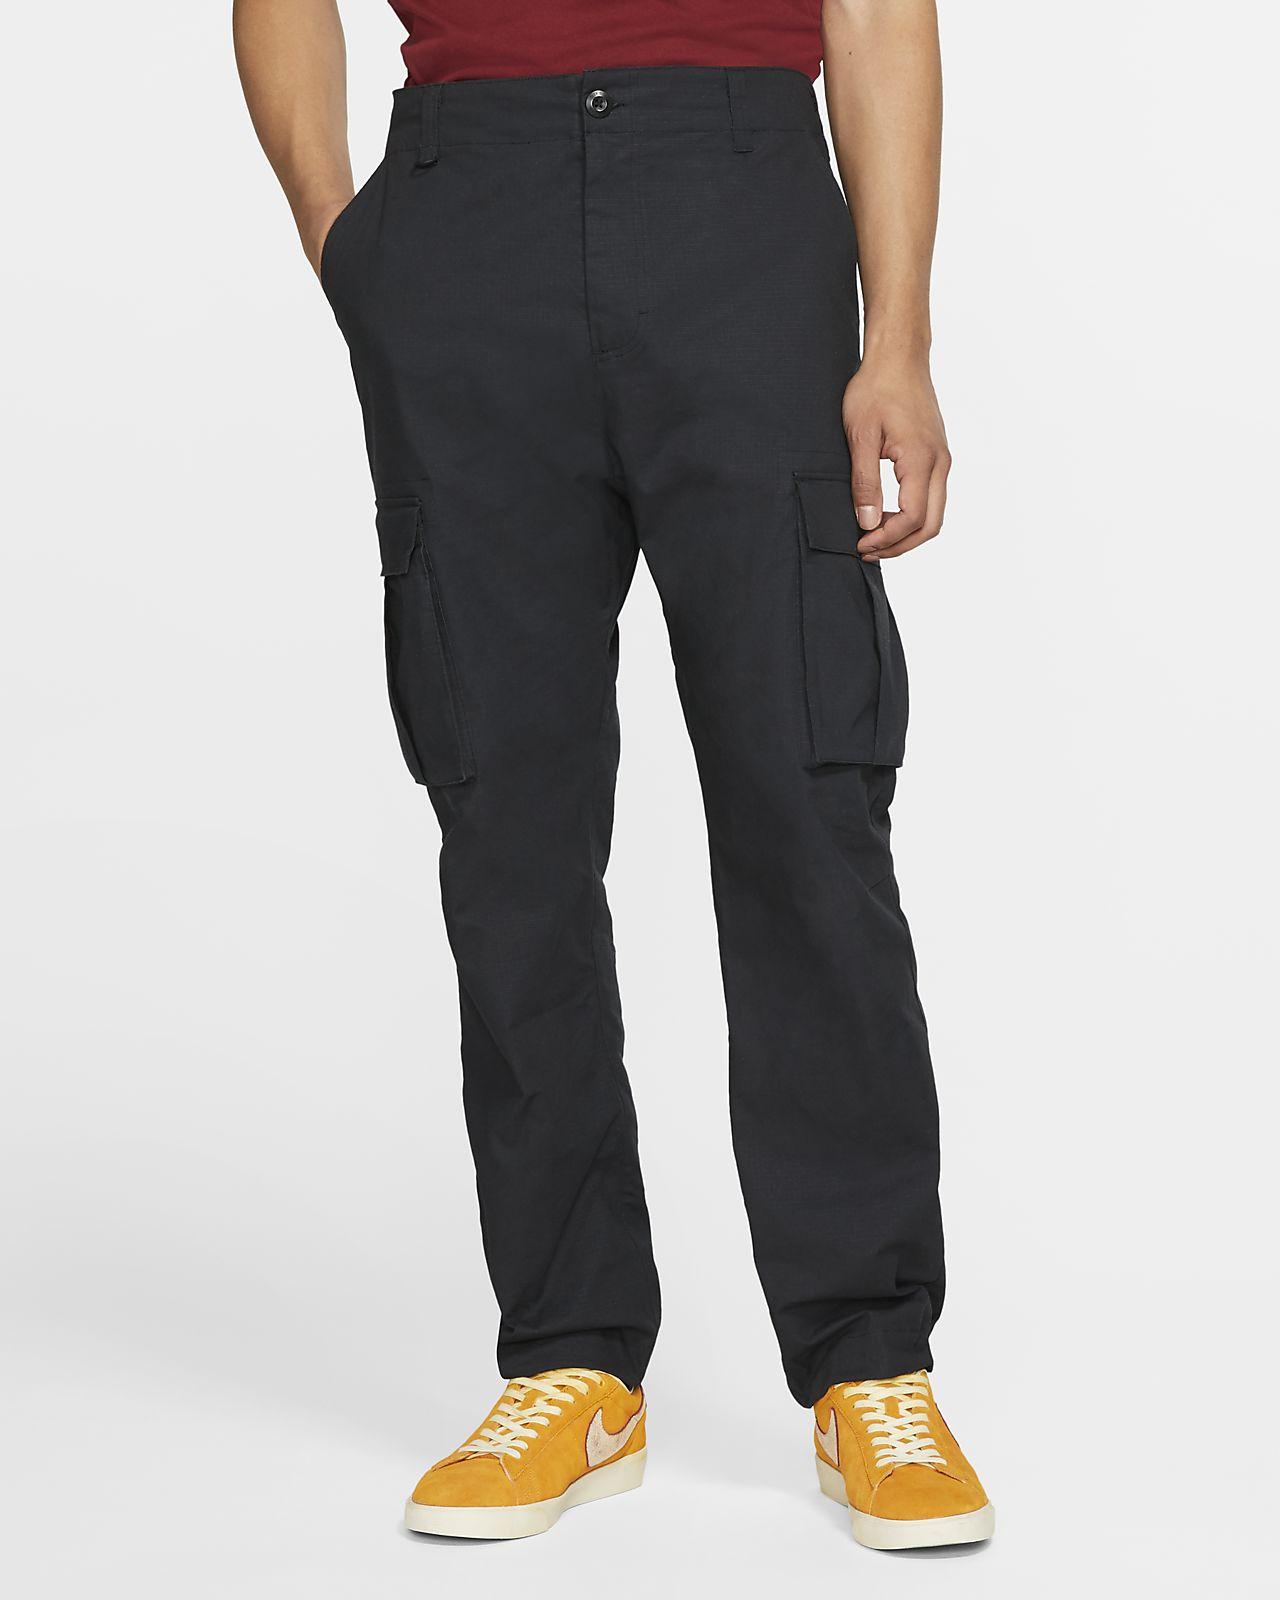 Ανδρικό παντελόνι skateboarding Nike SB Flex FTM